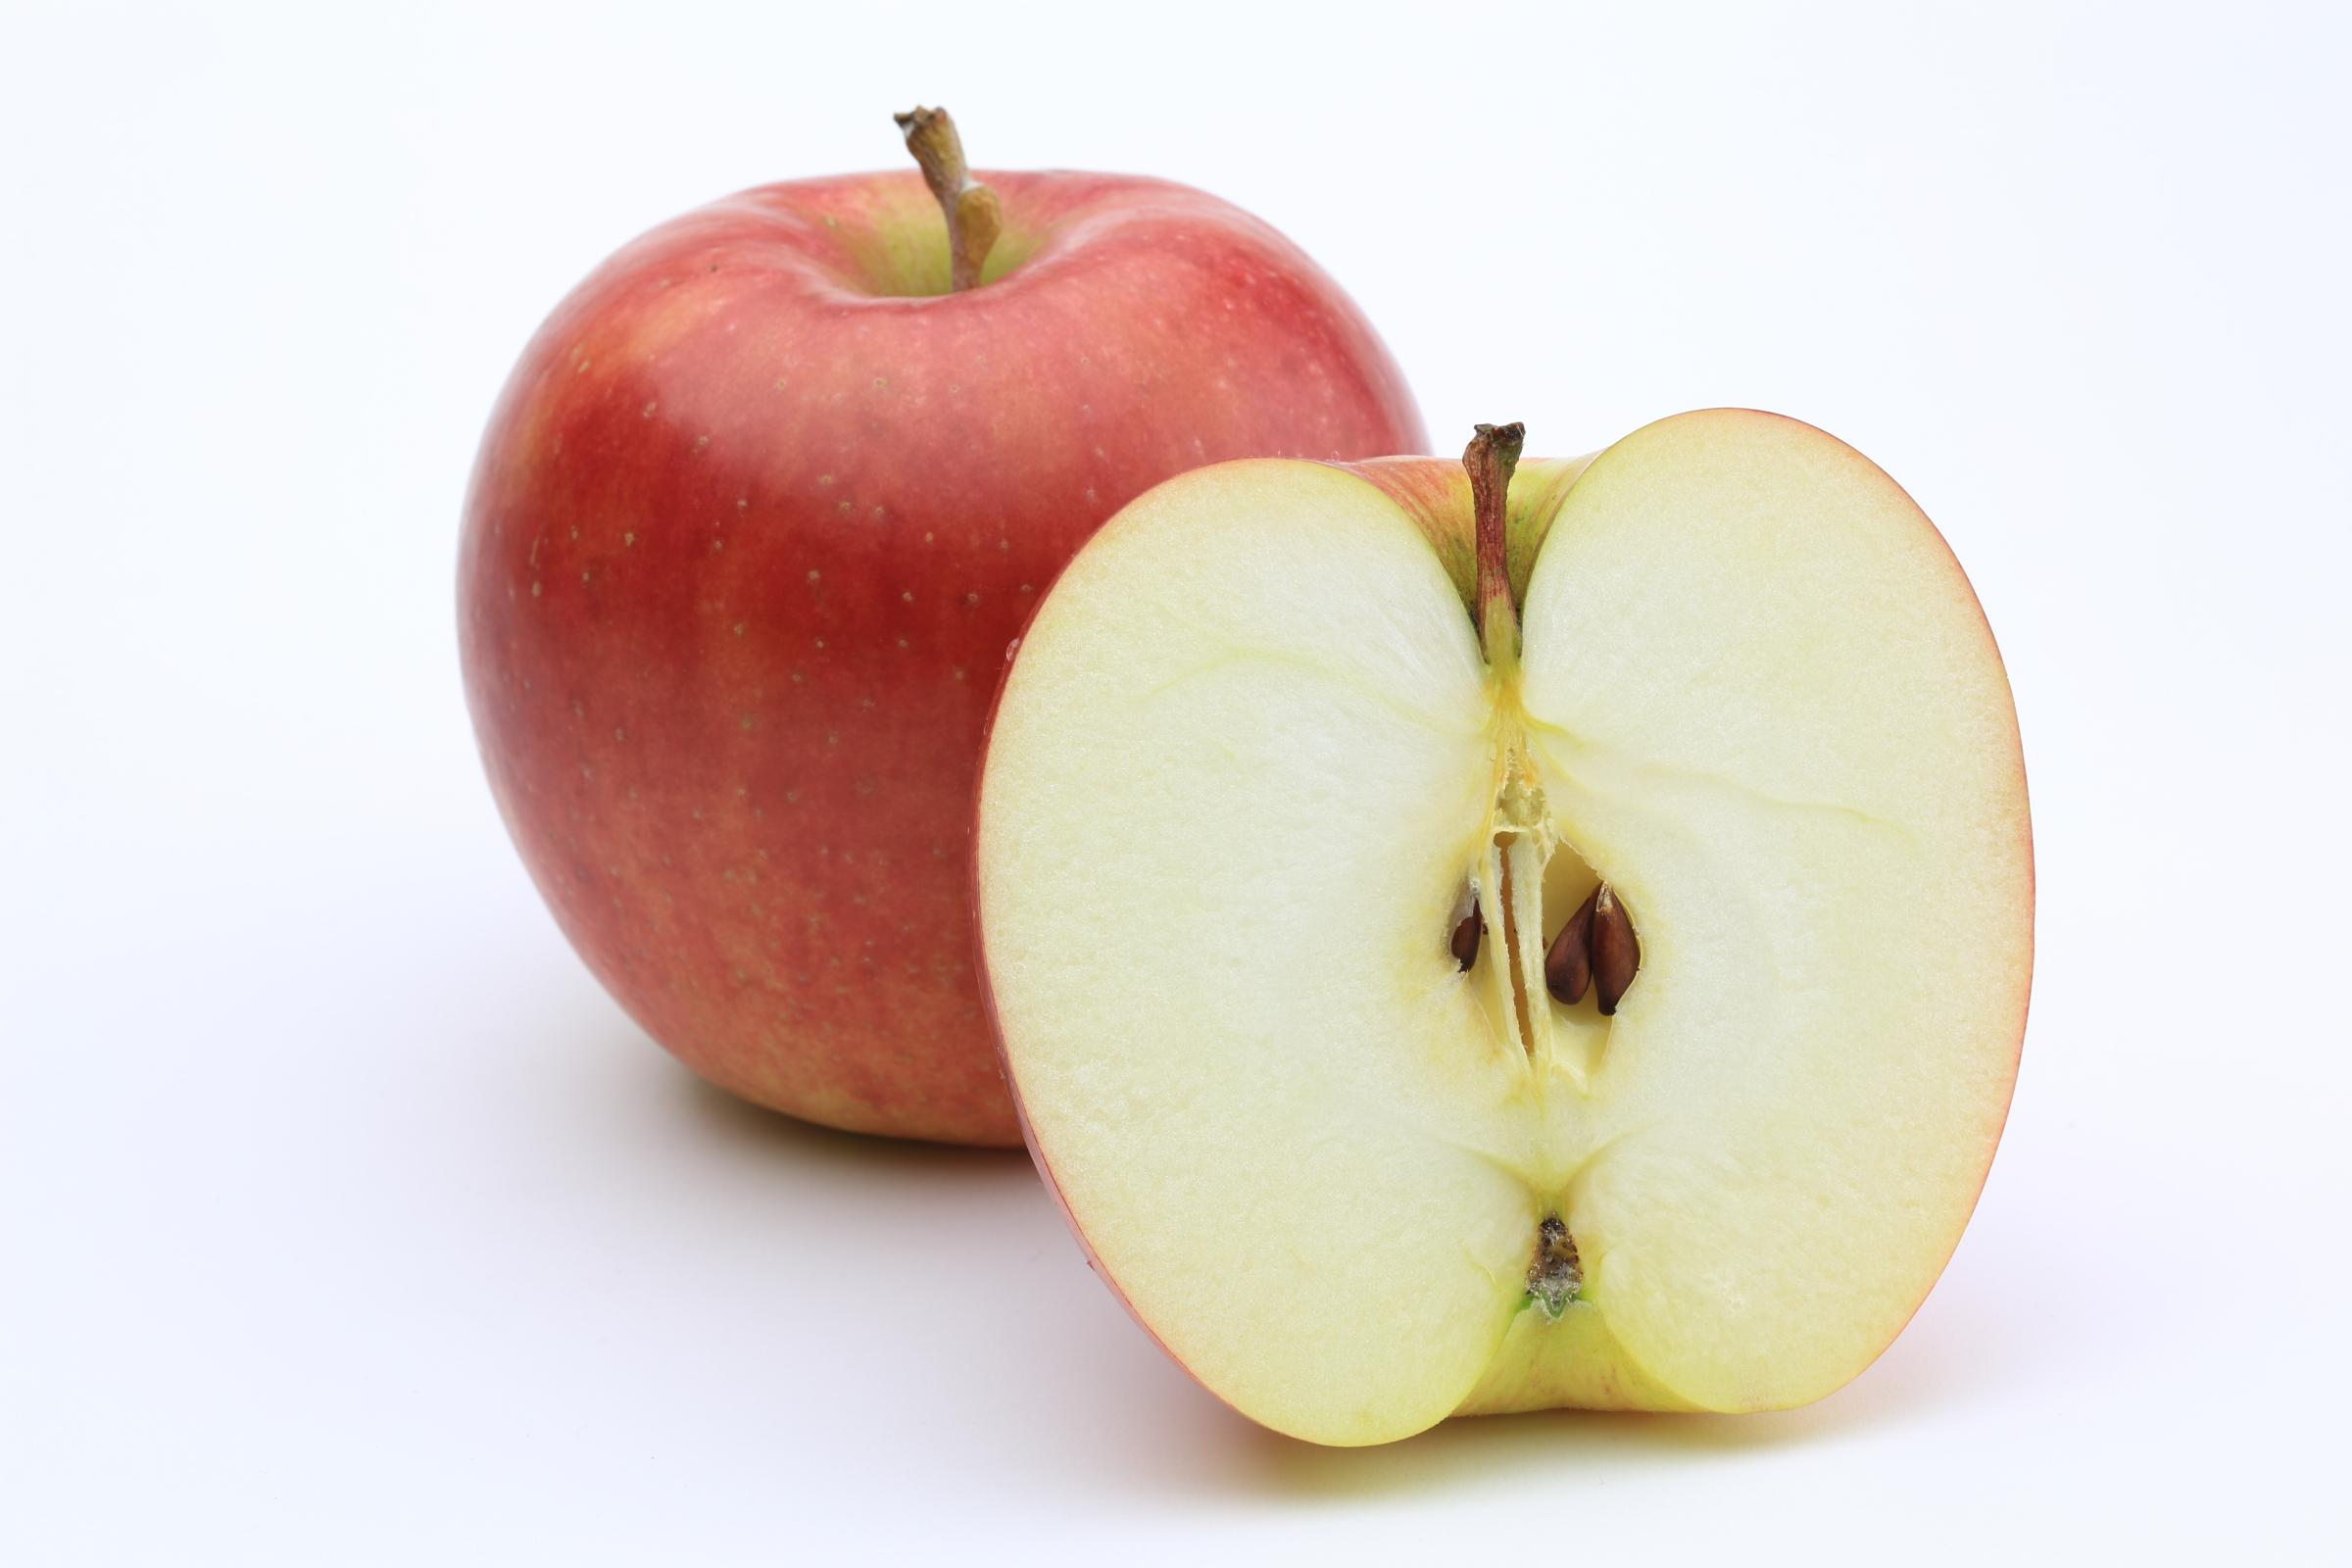 みんな大好き!おいしいりんごに秘められた驚きの健康効果とは!のサムネイル画像